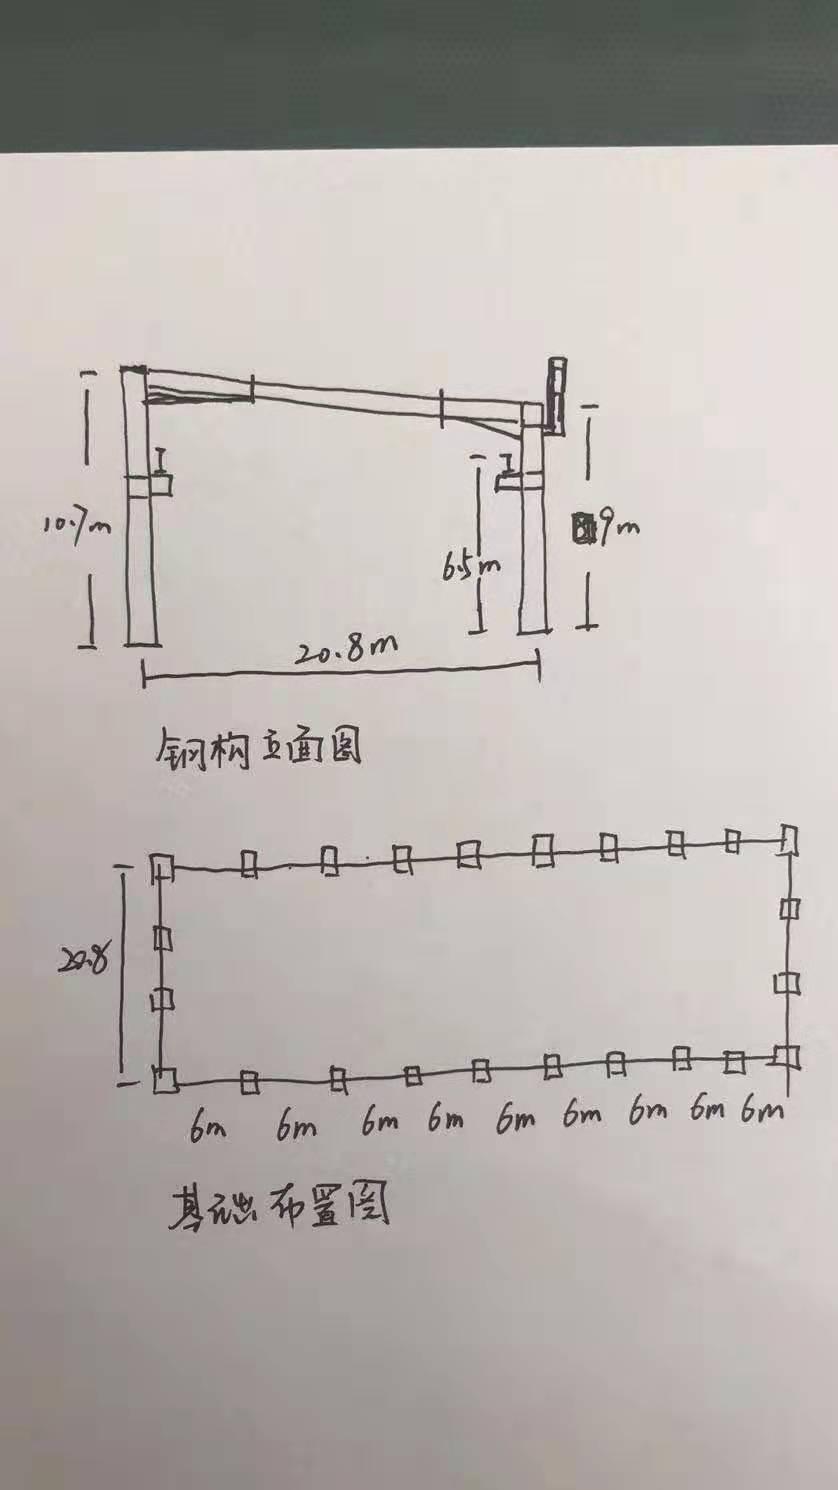 出售河北沧州全新未用行车房宽21.5米×长54.5米×高9米行车房